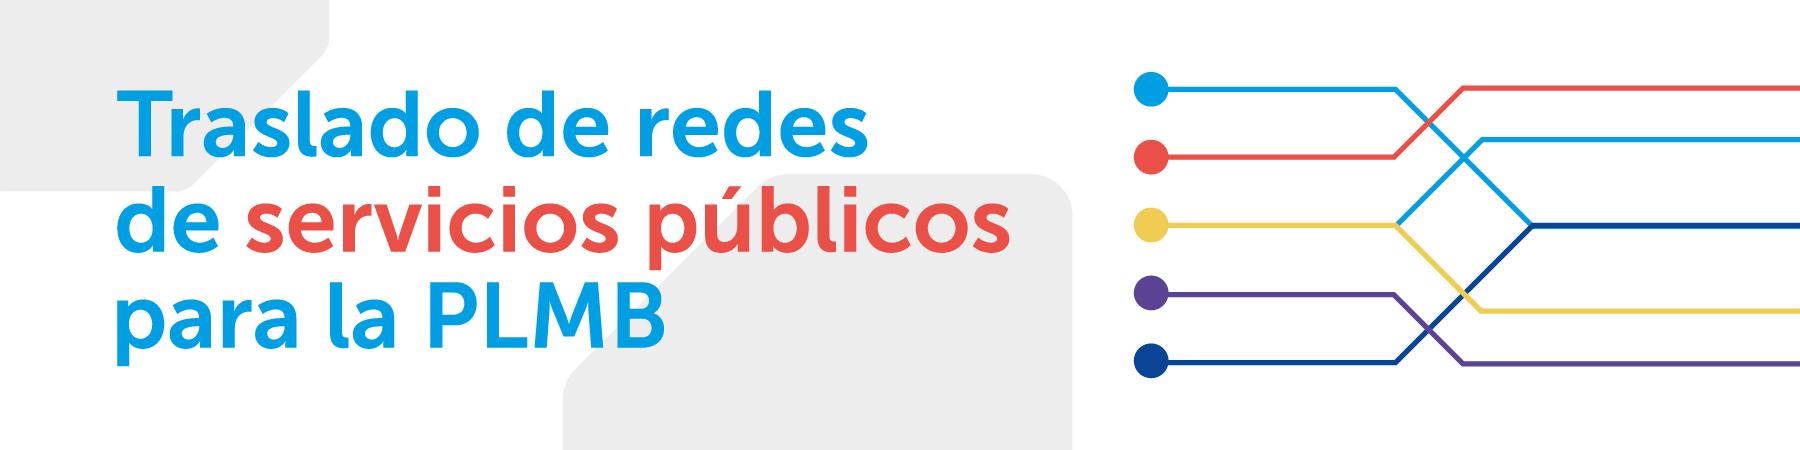 Traslado de redes de servicios públicos